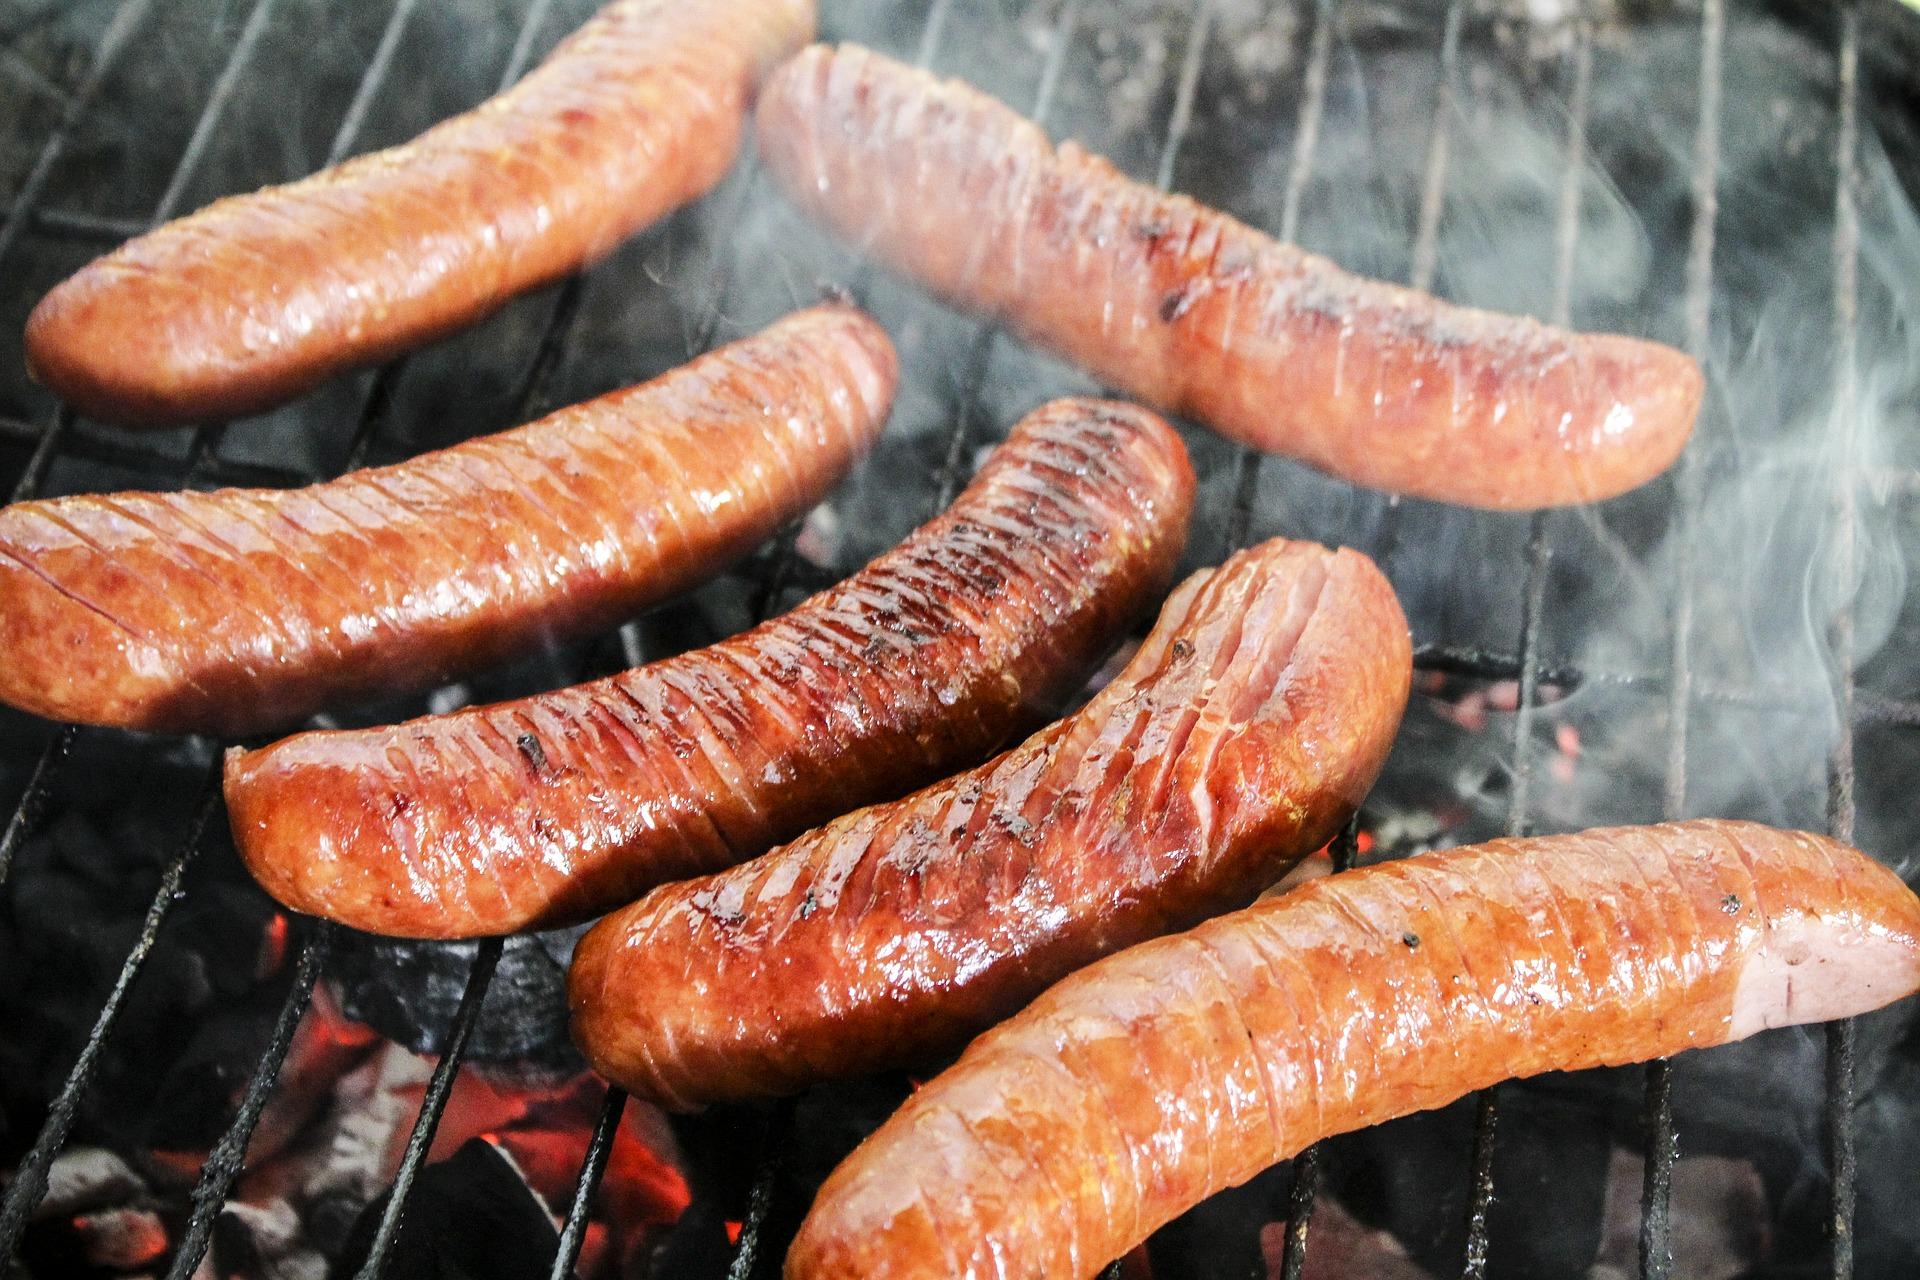 sausage-398596_1920.jpg